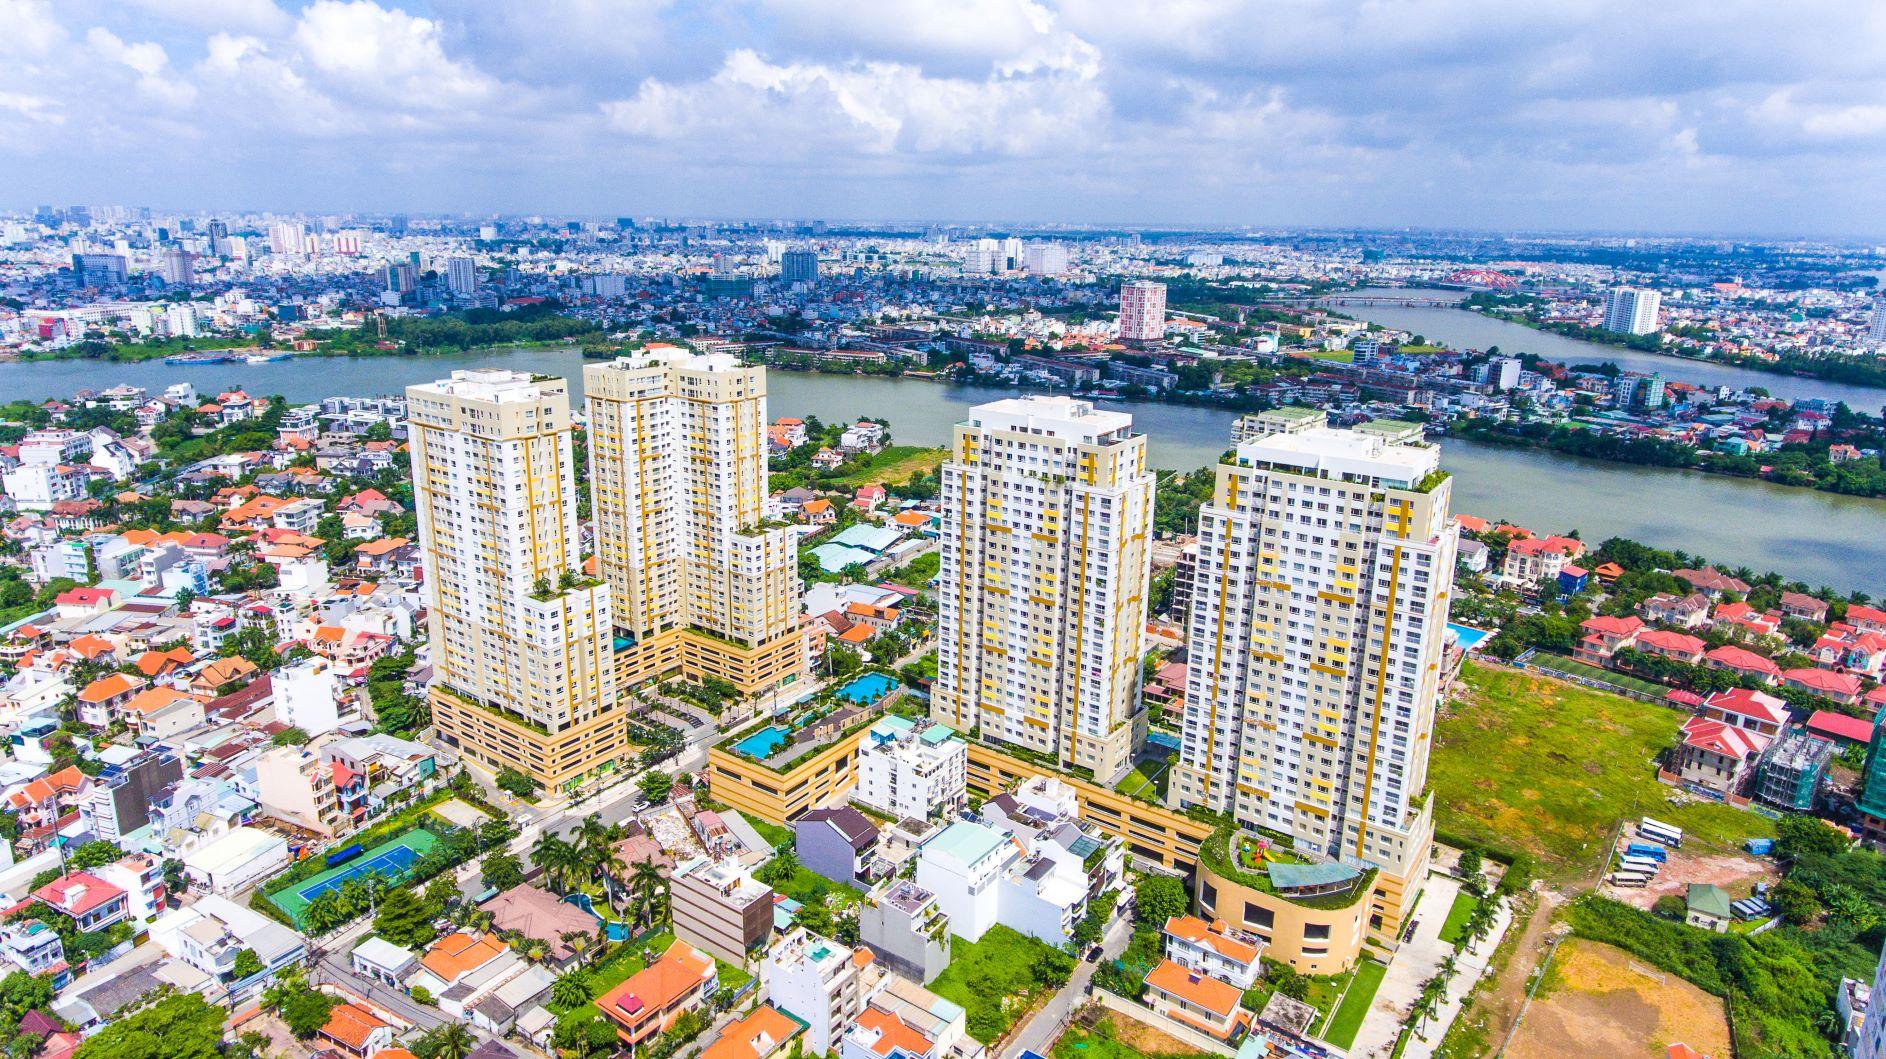 """Dự án căn hộ Tropic Garden Quận 2 là một trong các dự án được Sở TN-MT TP.HCM trao """"sổ hồng tượng trưng"""". Ảnh: Internet"""